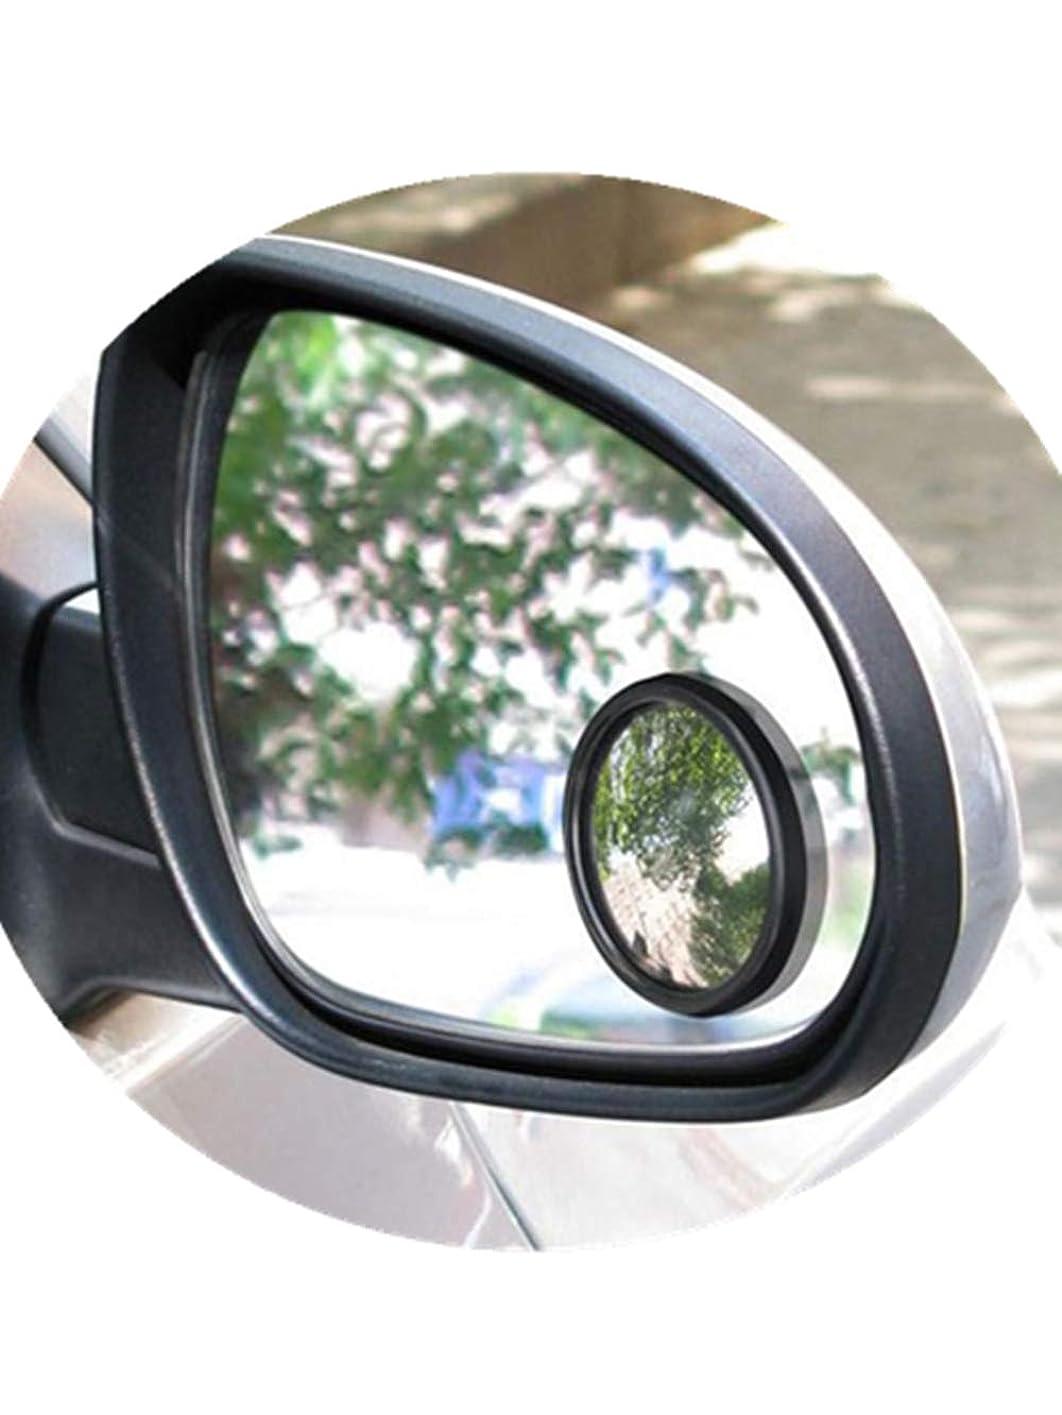 手配するビザ触手2個超薄型広角ラウンド凸ブラインドスポットミラー用駐車場リアビューミラー ブラック